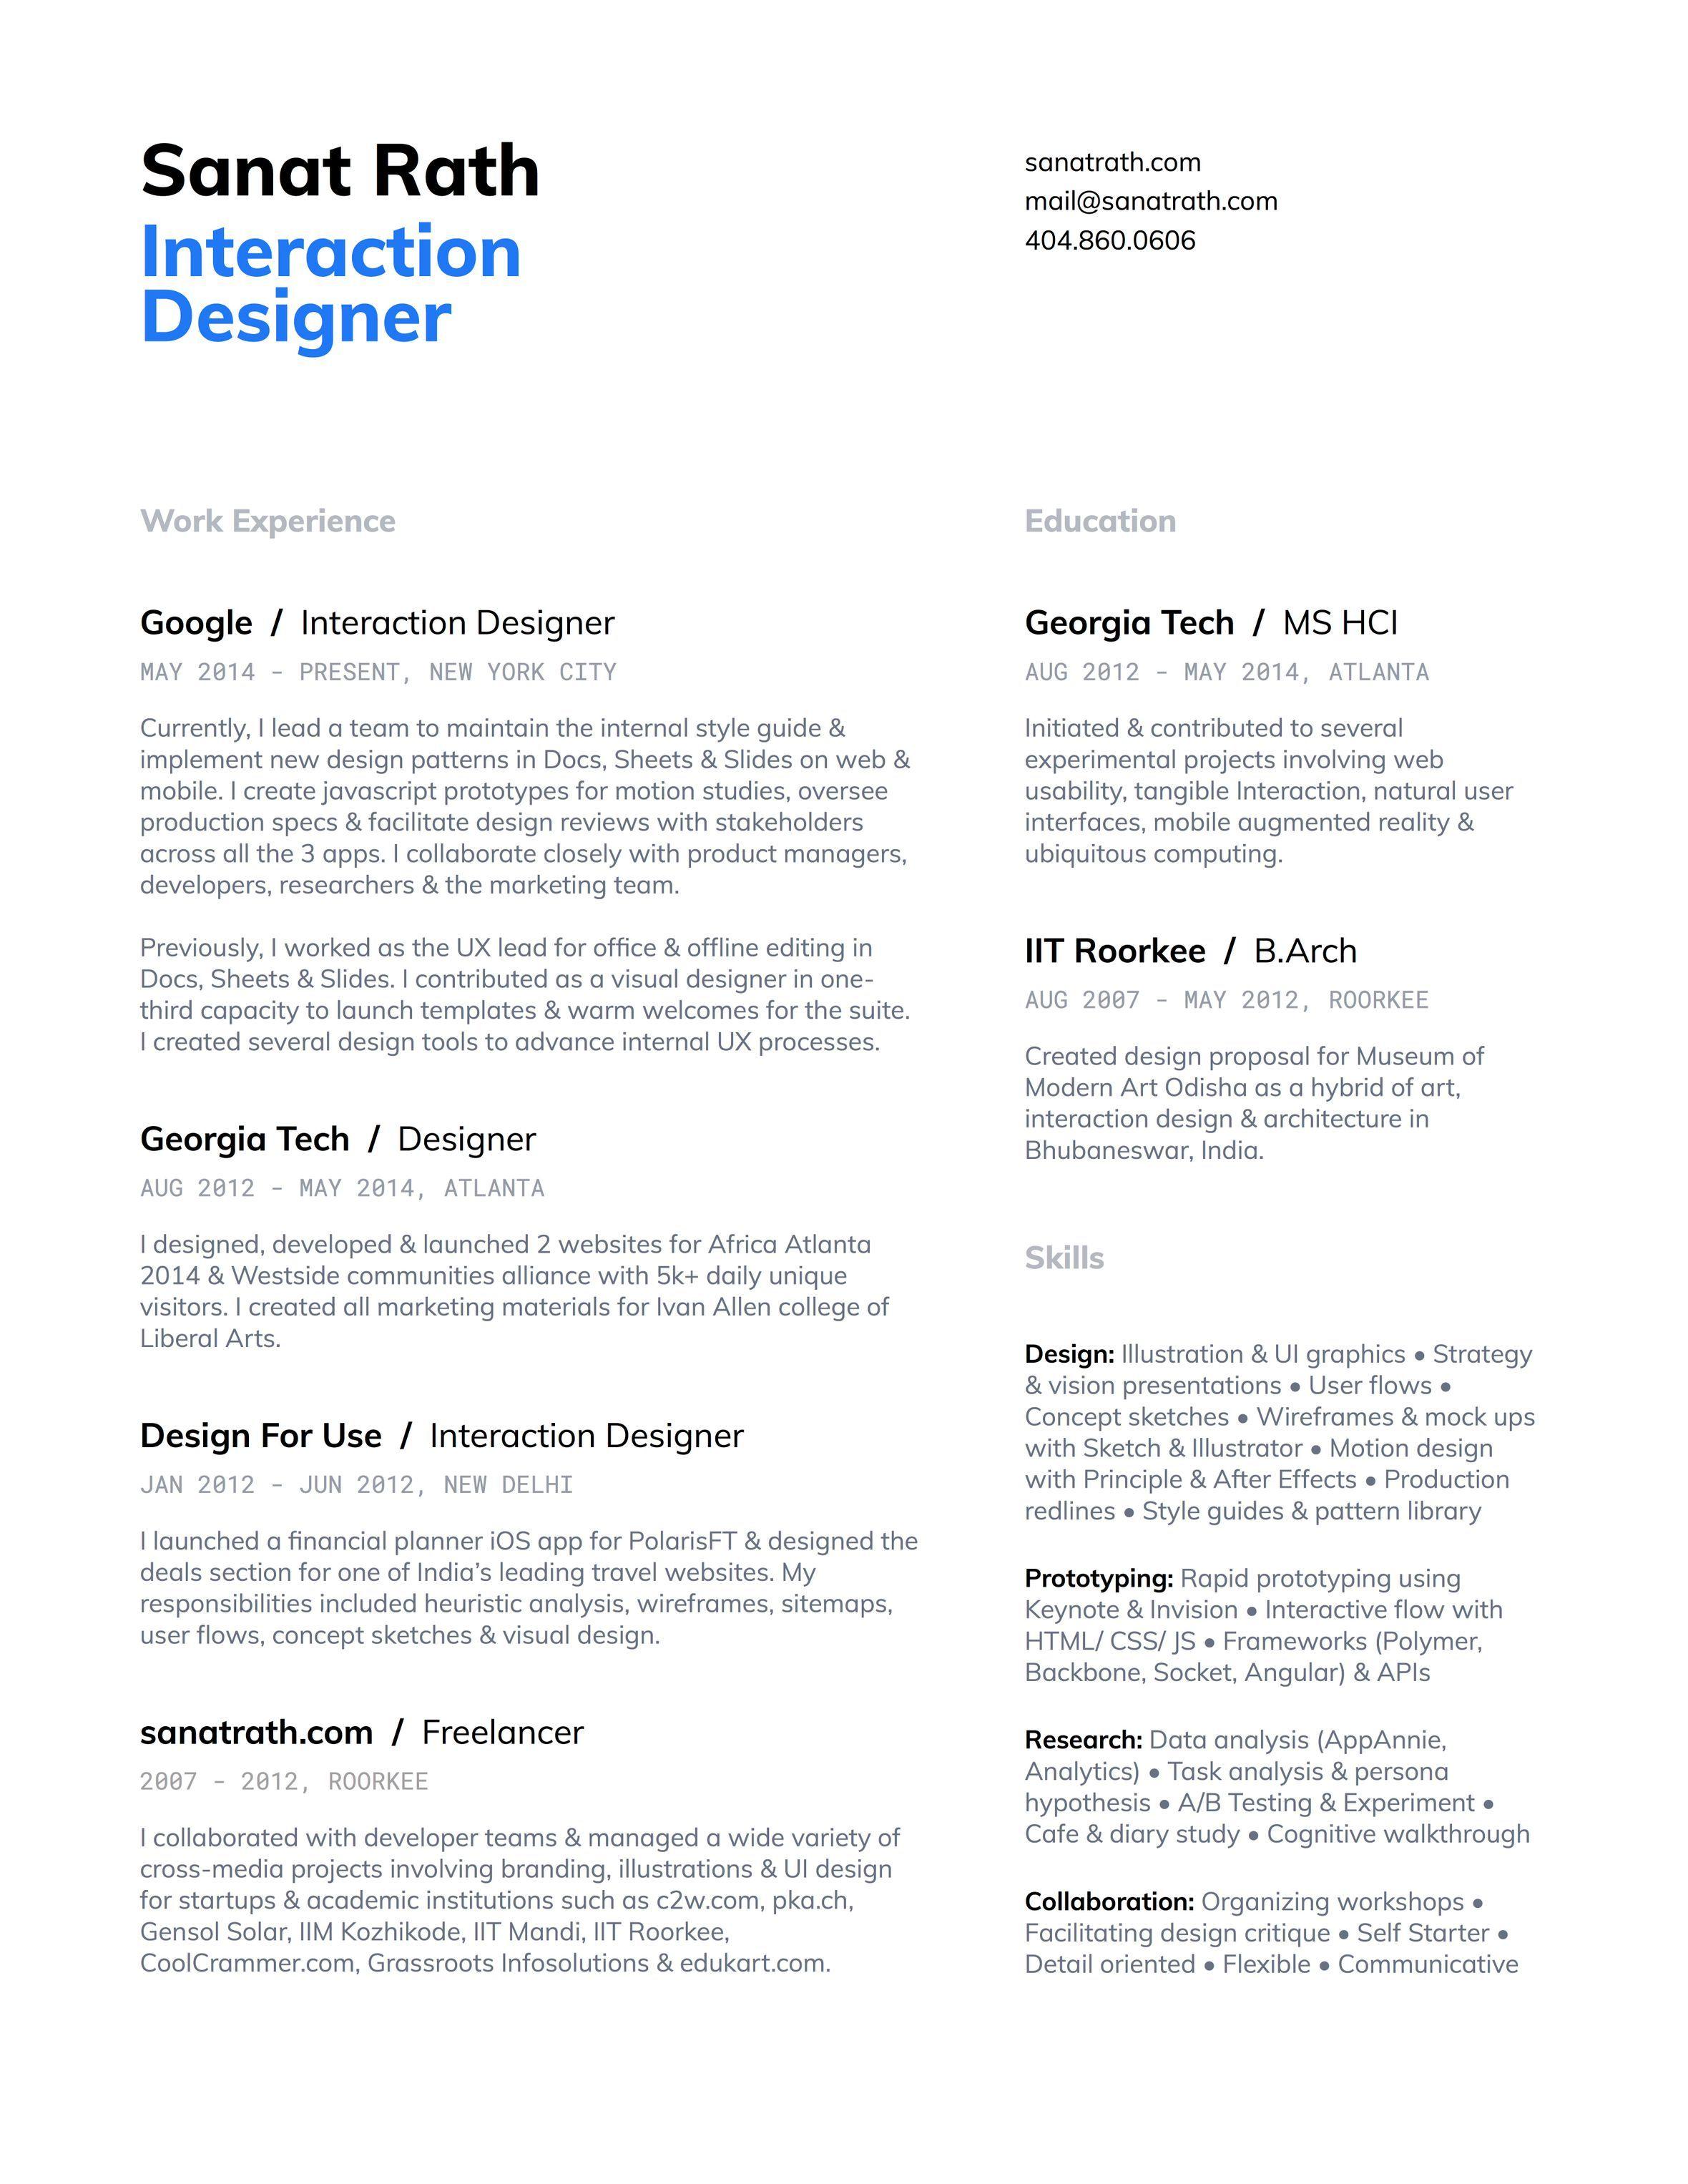 Bestfolios Sanat Rath Resume Design Ux Design Portfolio Ux Design